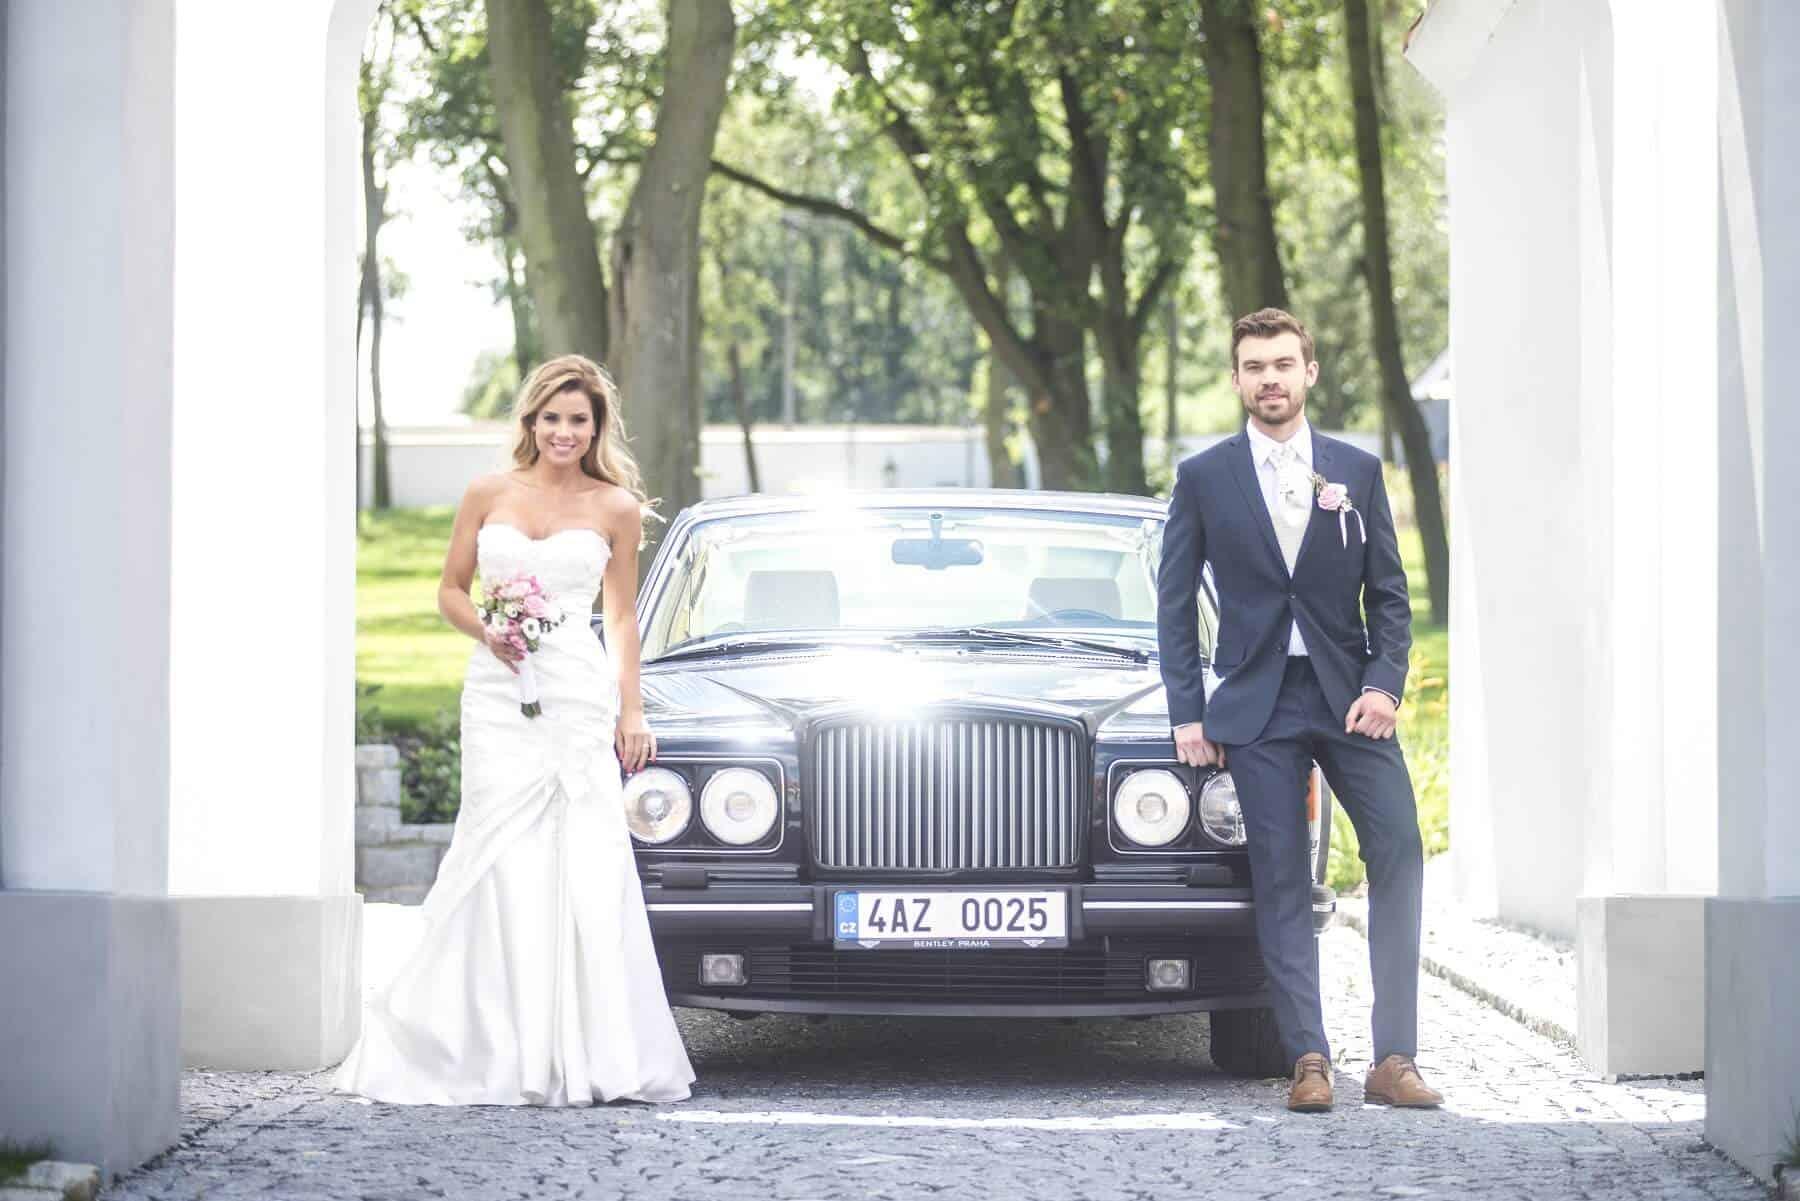 Panství Dlouhá Lhota - novomanželé před limuzínou Rolls-Royce